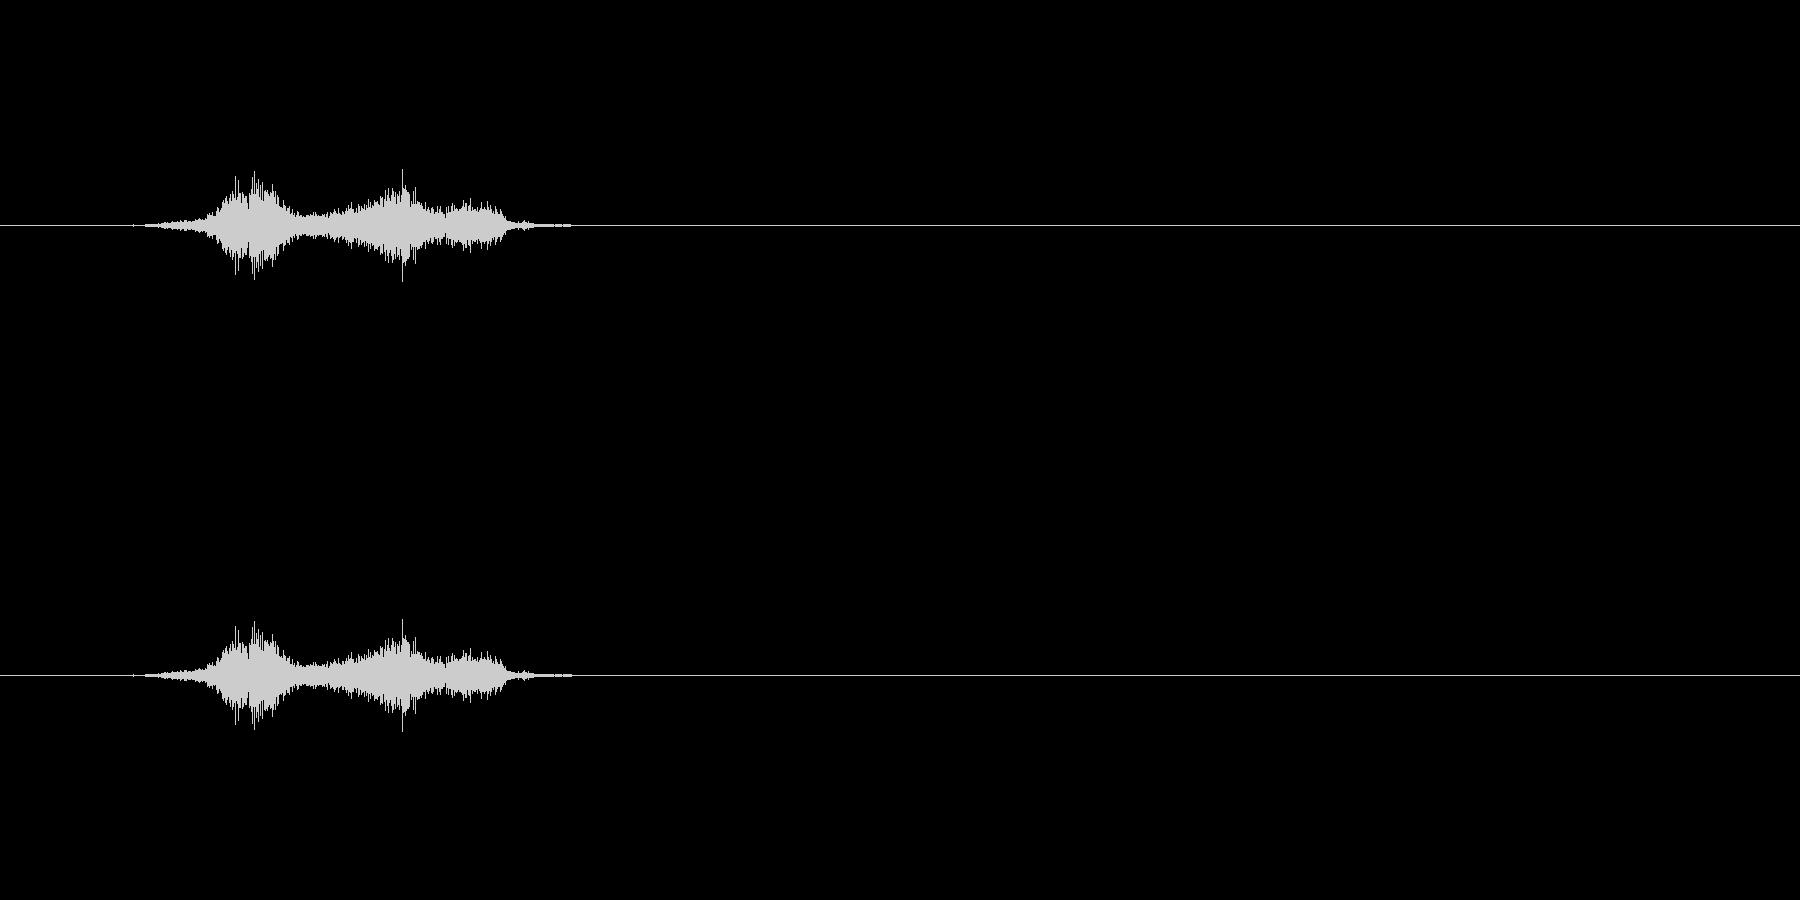 【シャープペン01-07(丸)】の未再生の波形